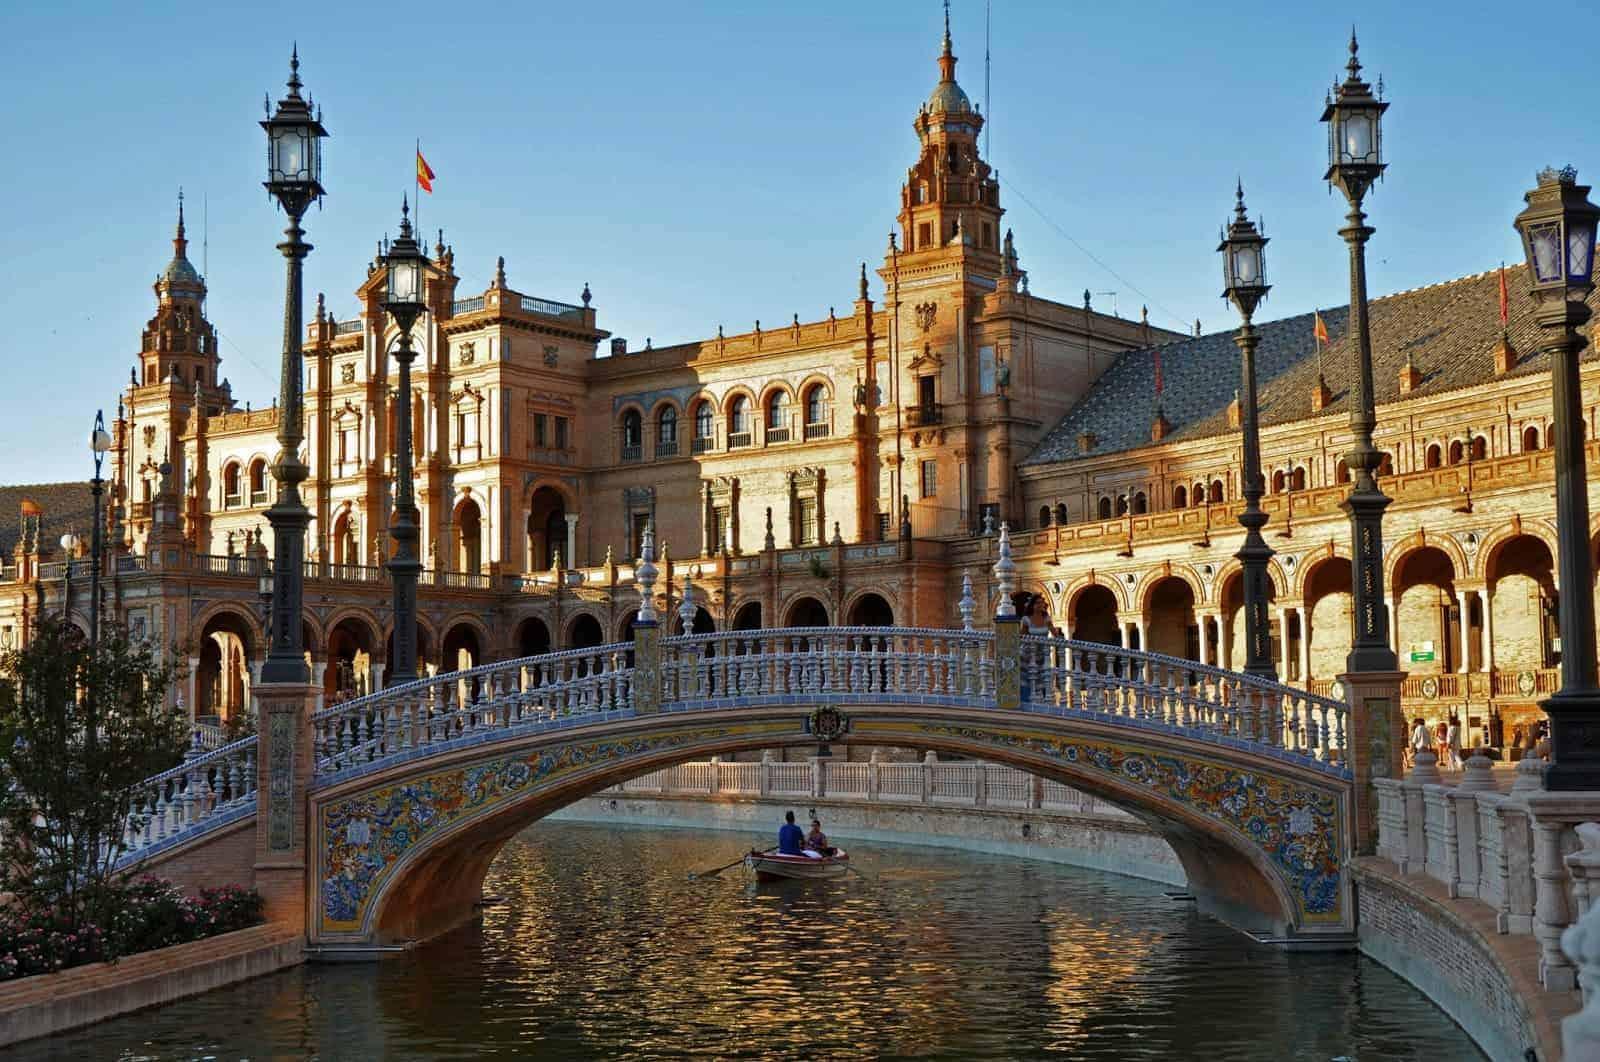 خطوات تخطيط وتجهيز رحلتي إلى إسبانيا بالتفصيل